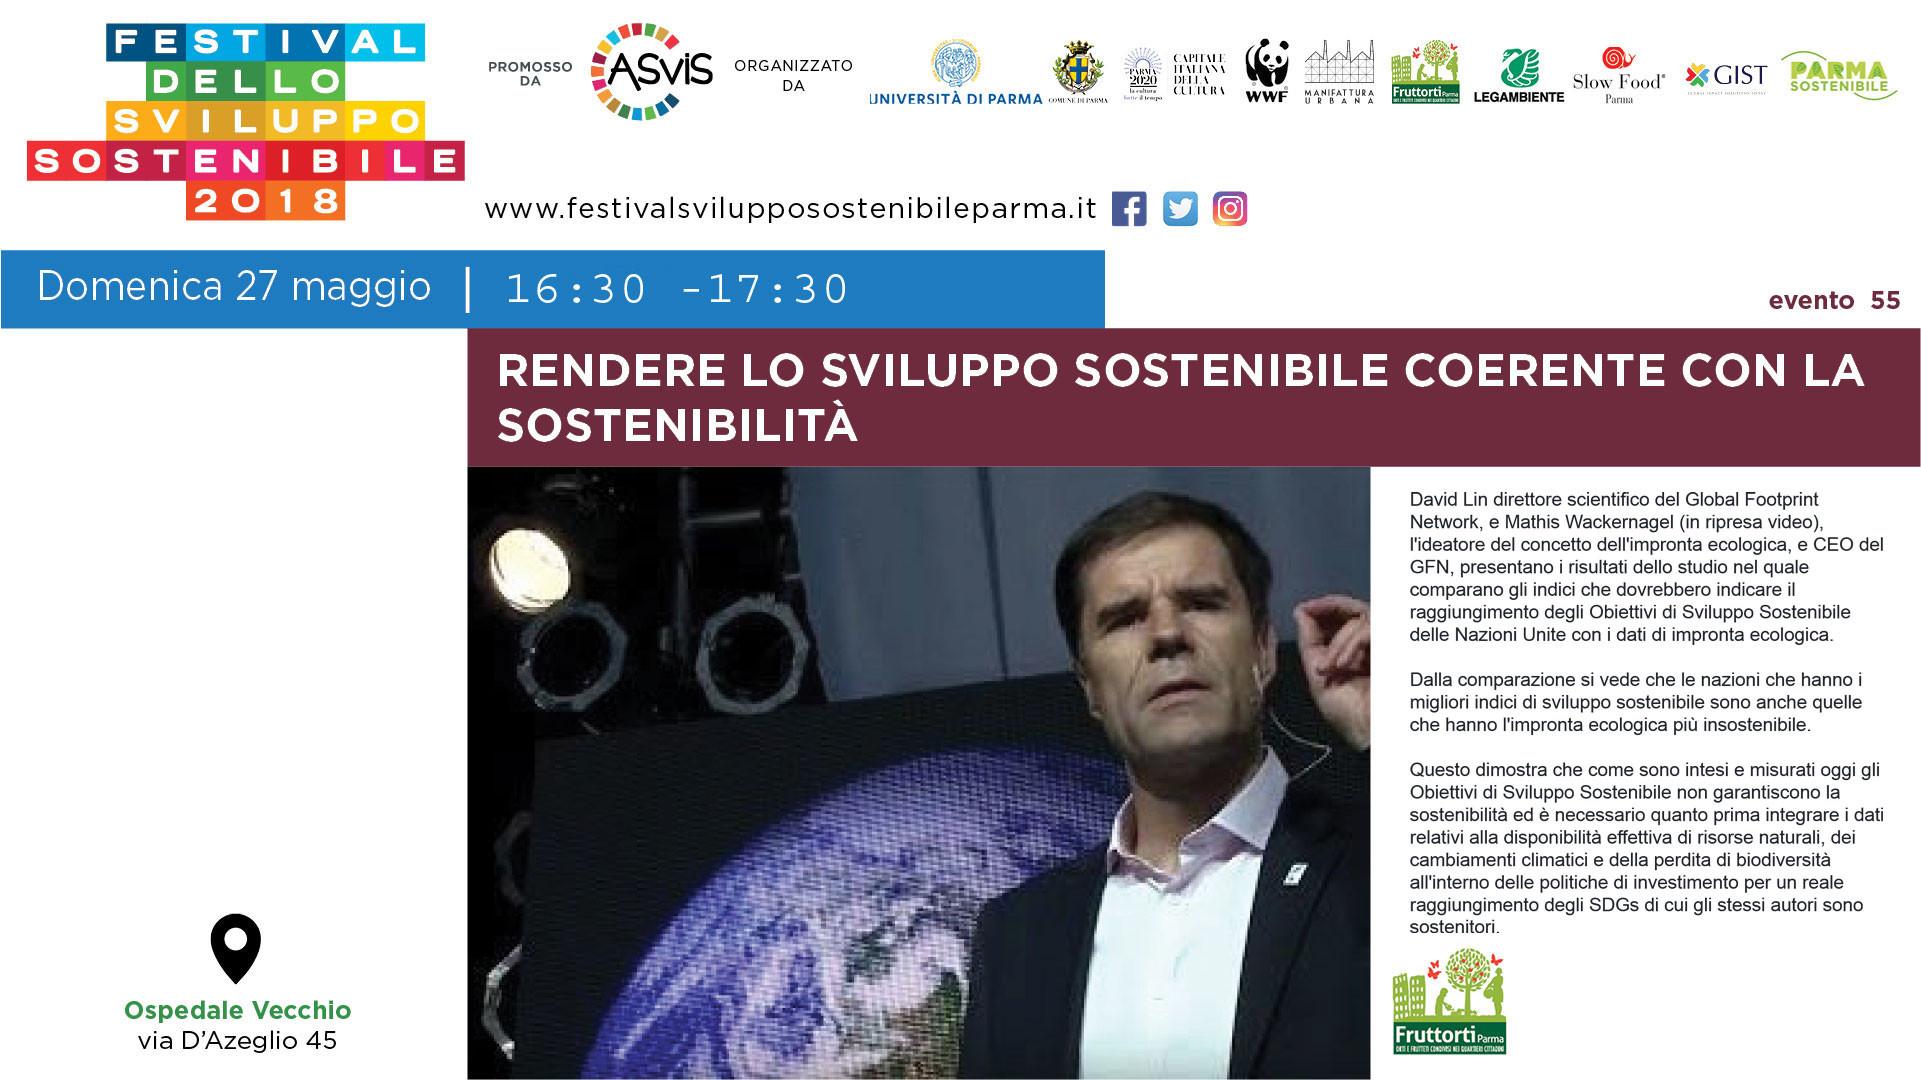 Festival dello Sviluppo Sostenibile Parma: Incontro sull'impronta ecologica